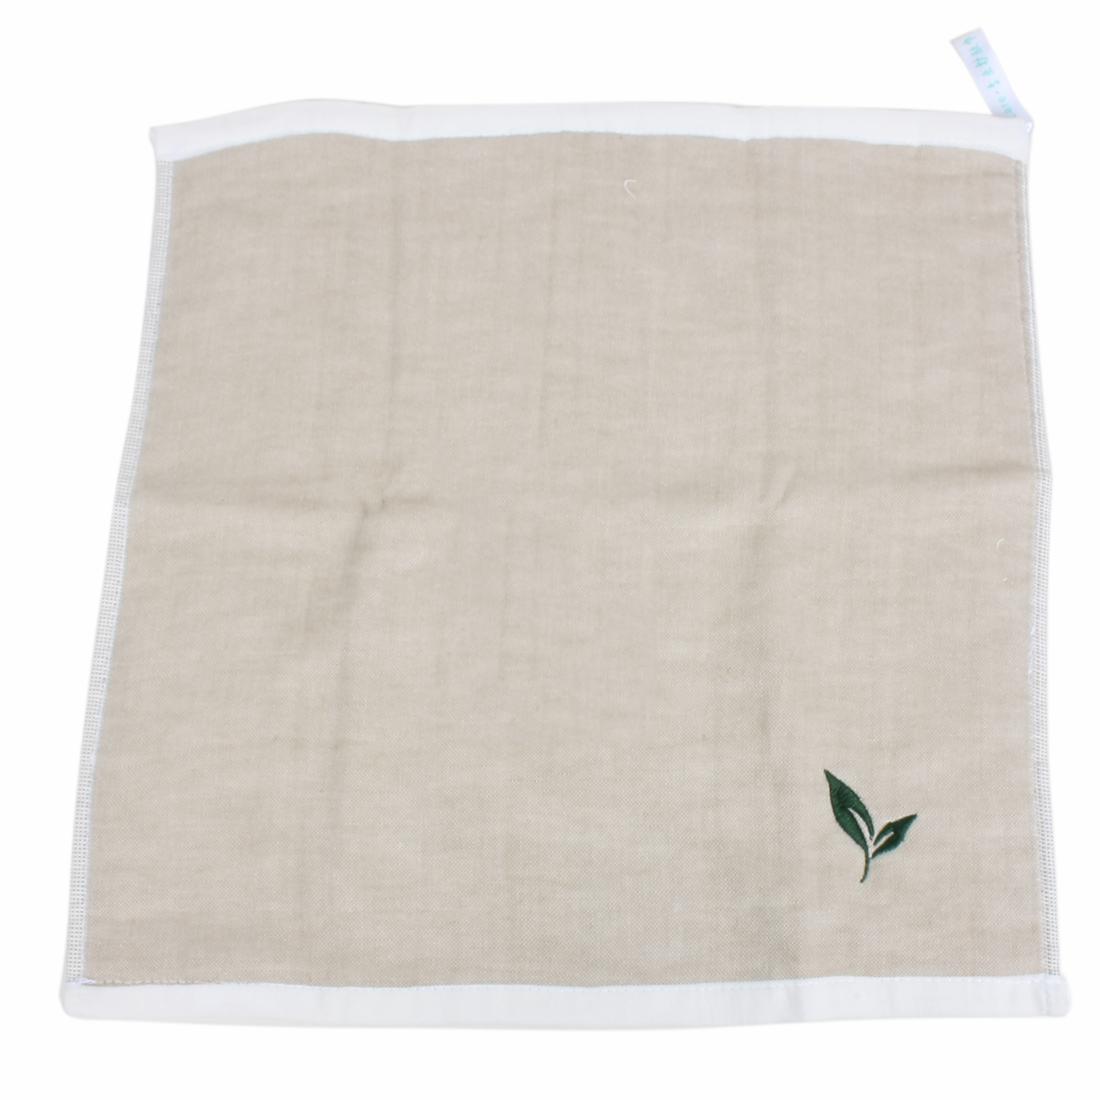 Green Tea Flavor Character Pattern Rectangular Towel 35 x 35cm Beige